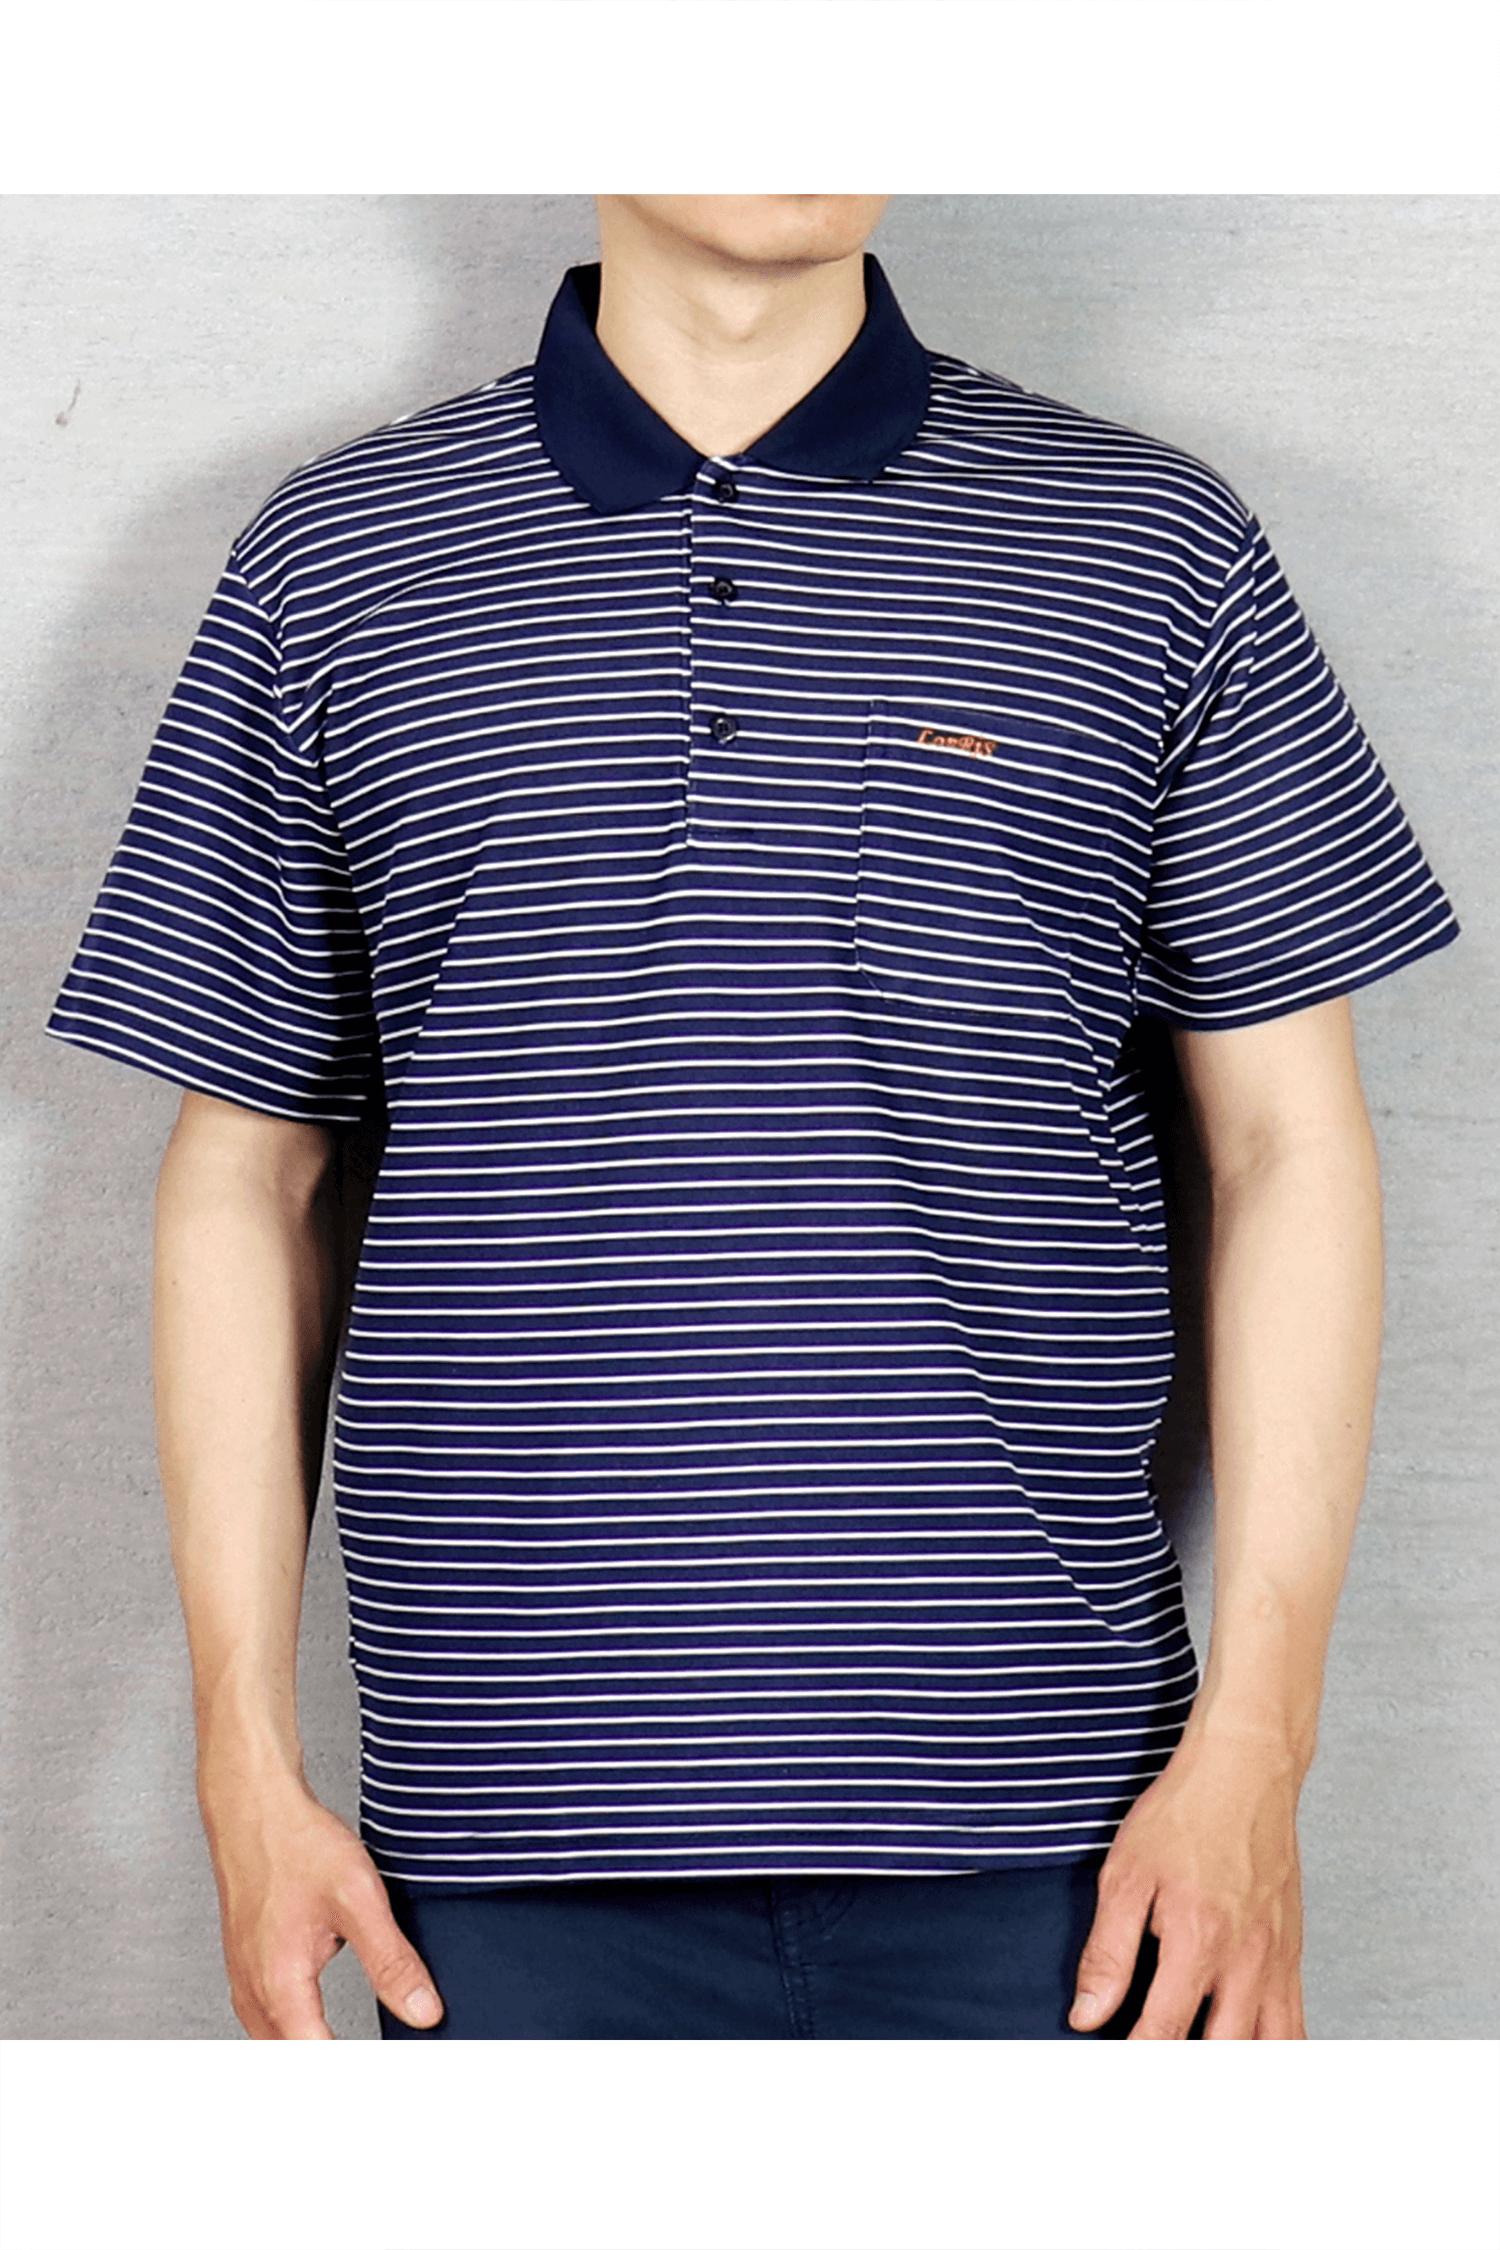 丈青條紋短袖POLO衫/吸濕排汗 速乾